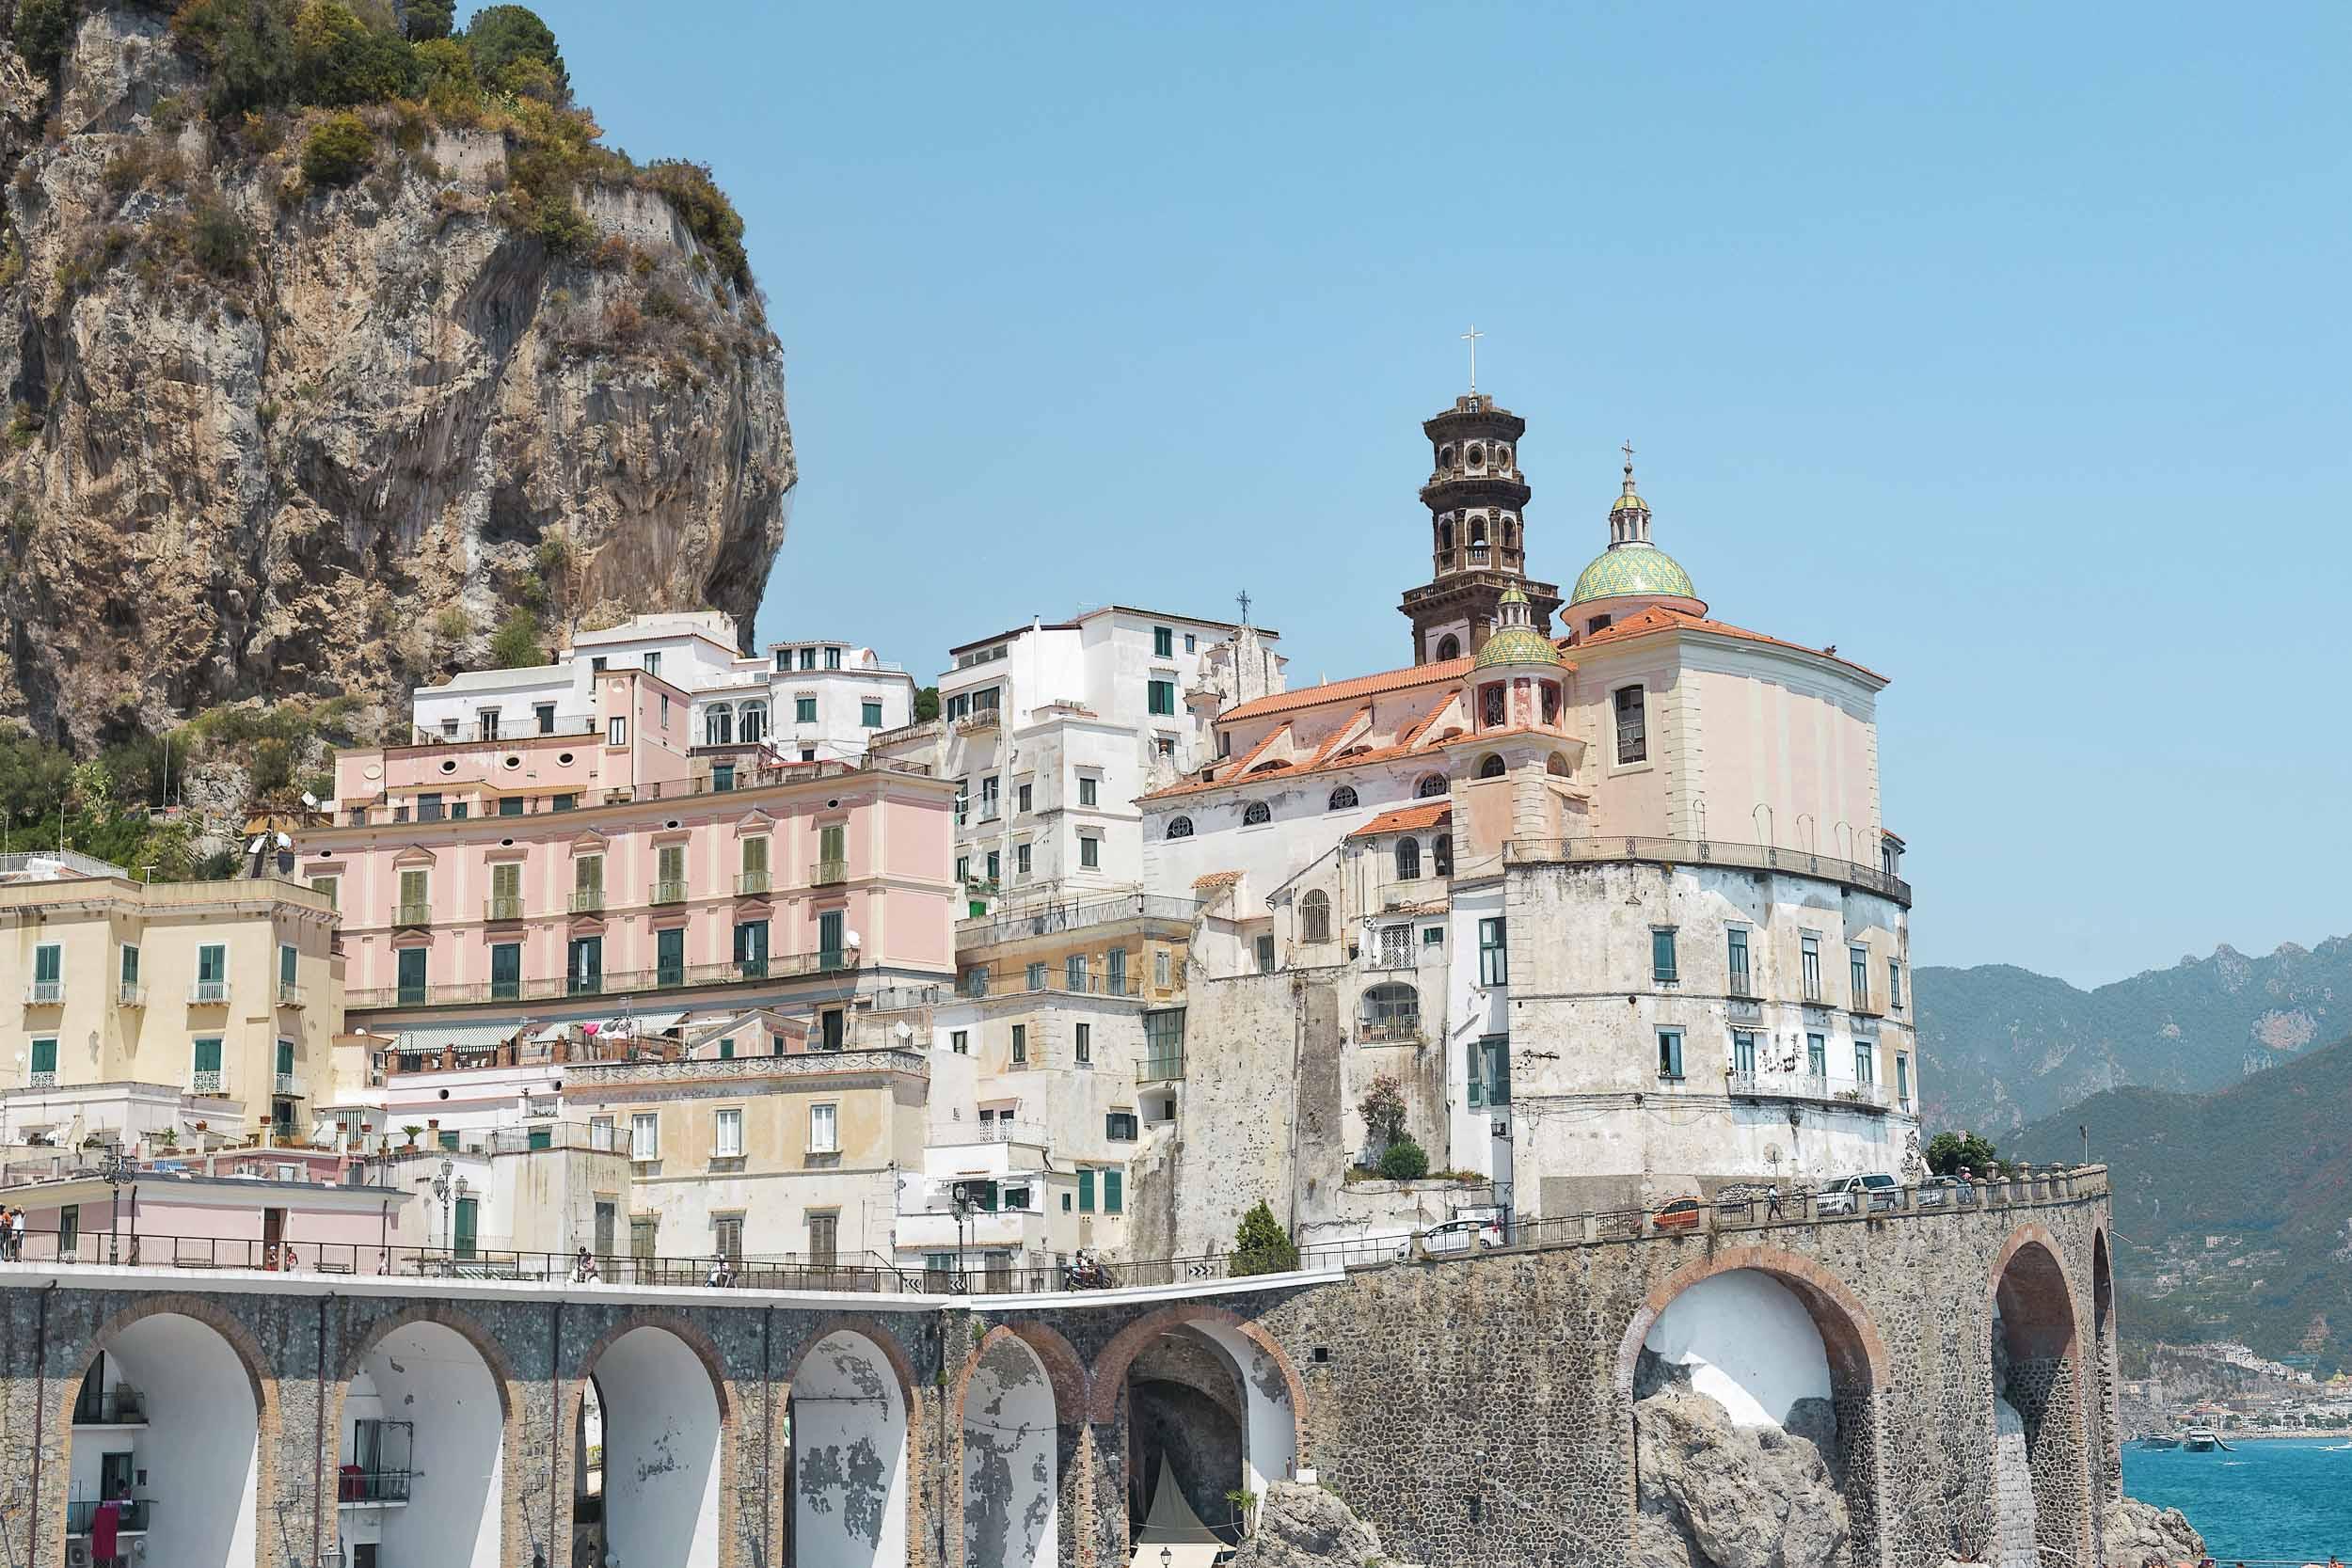 The town of Atrani on the Amalfi Coast